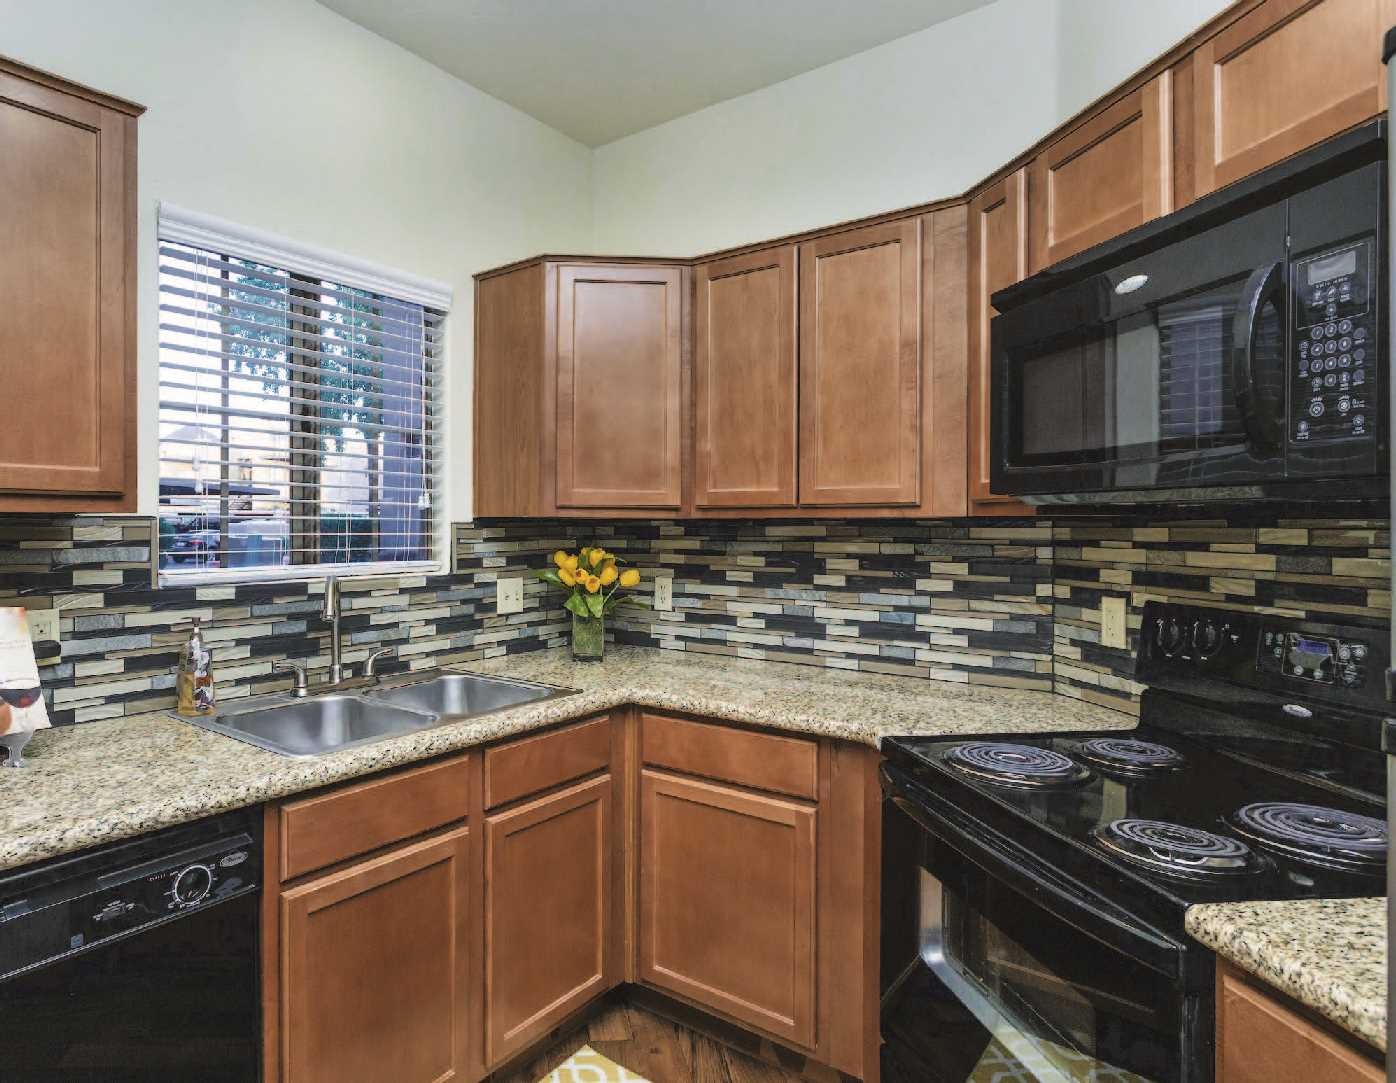 Scottsdale Hozion Apartments image 3